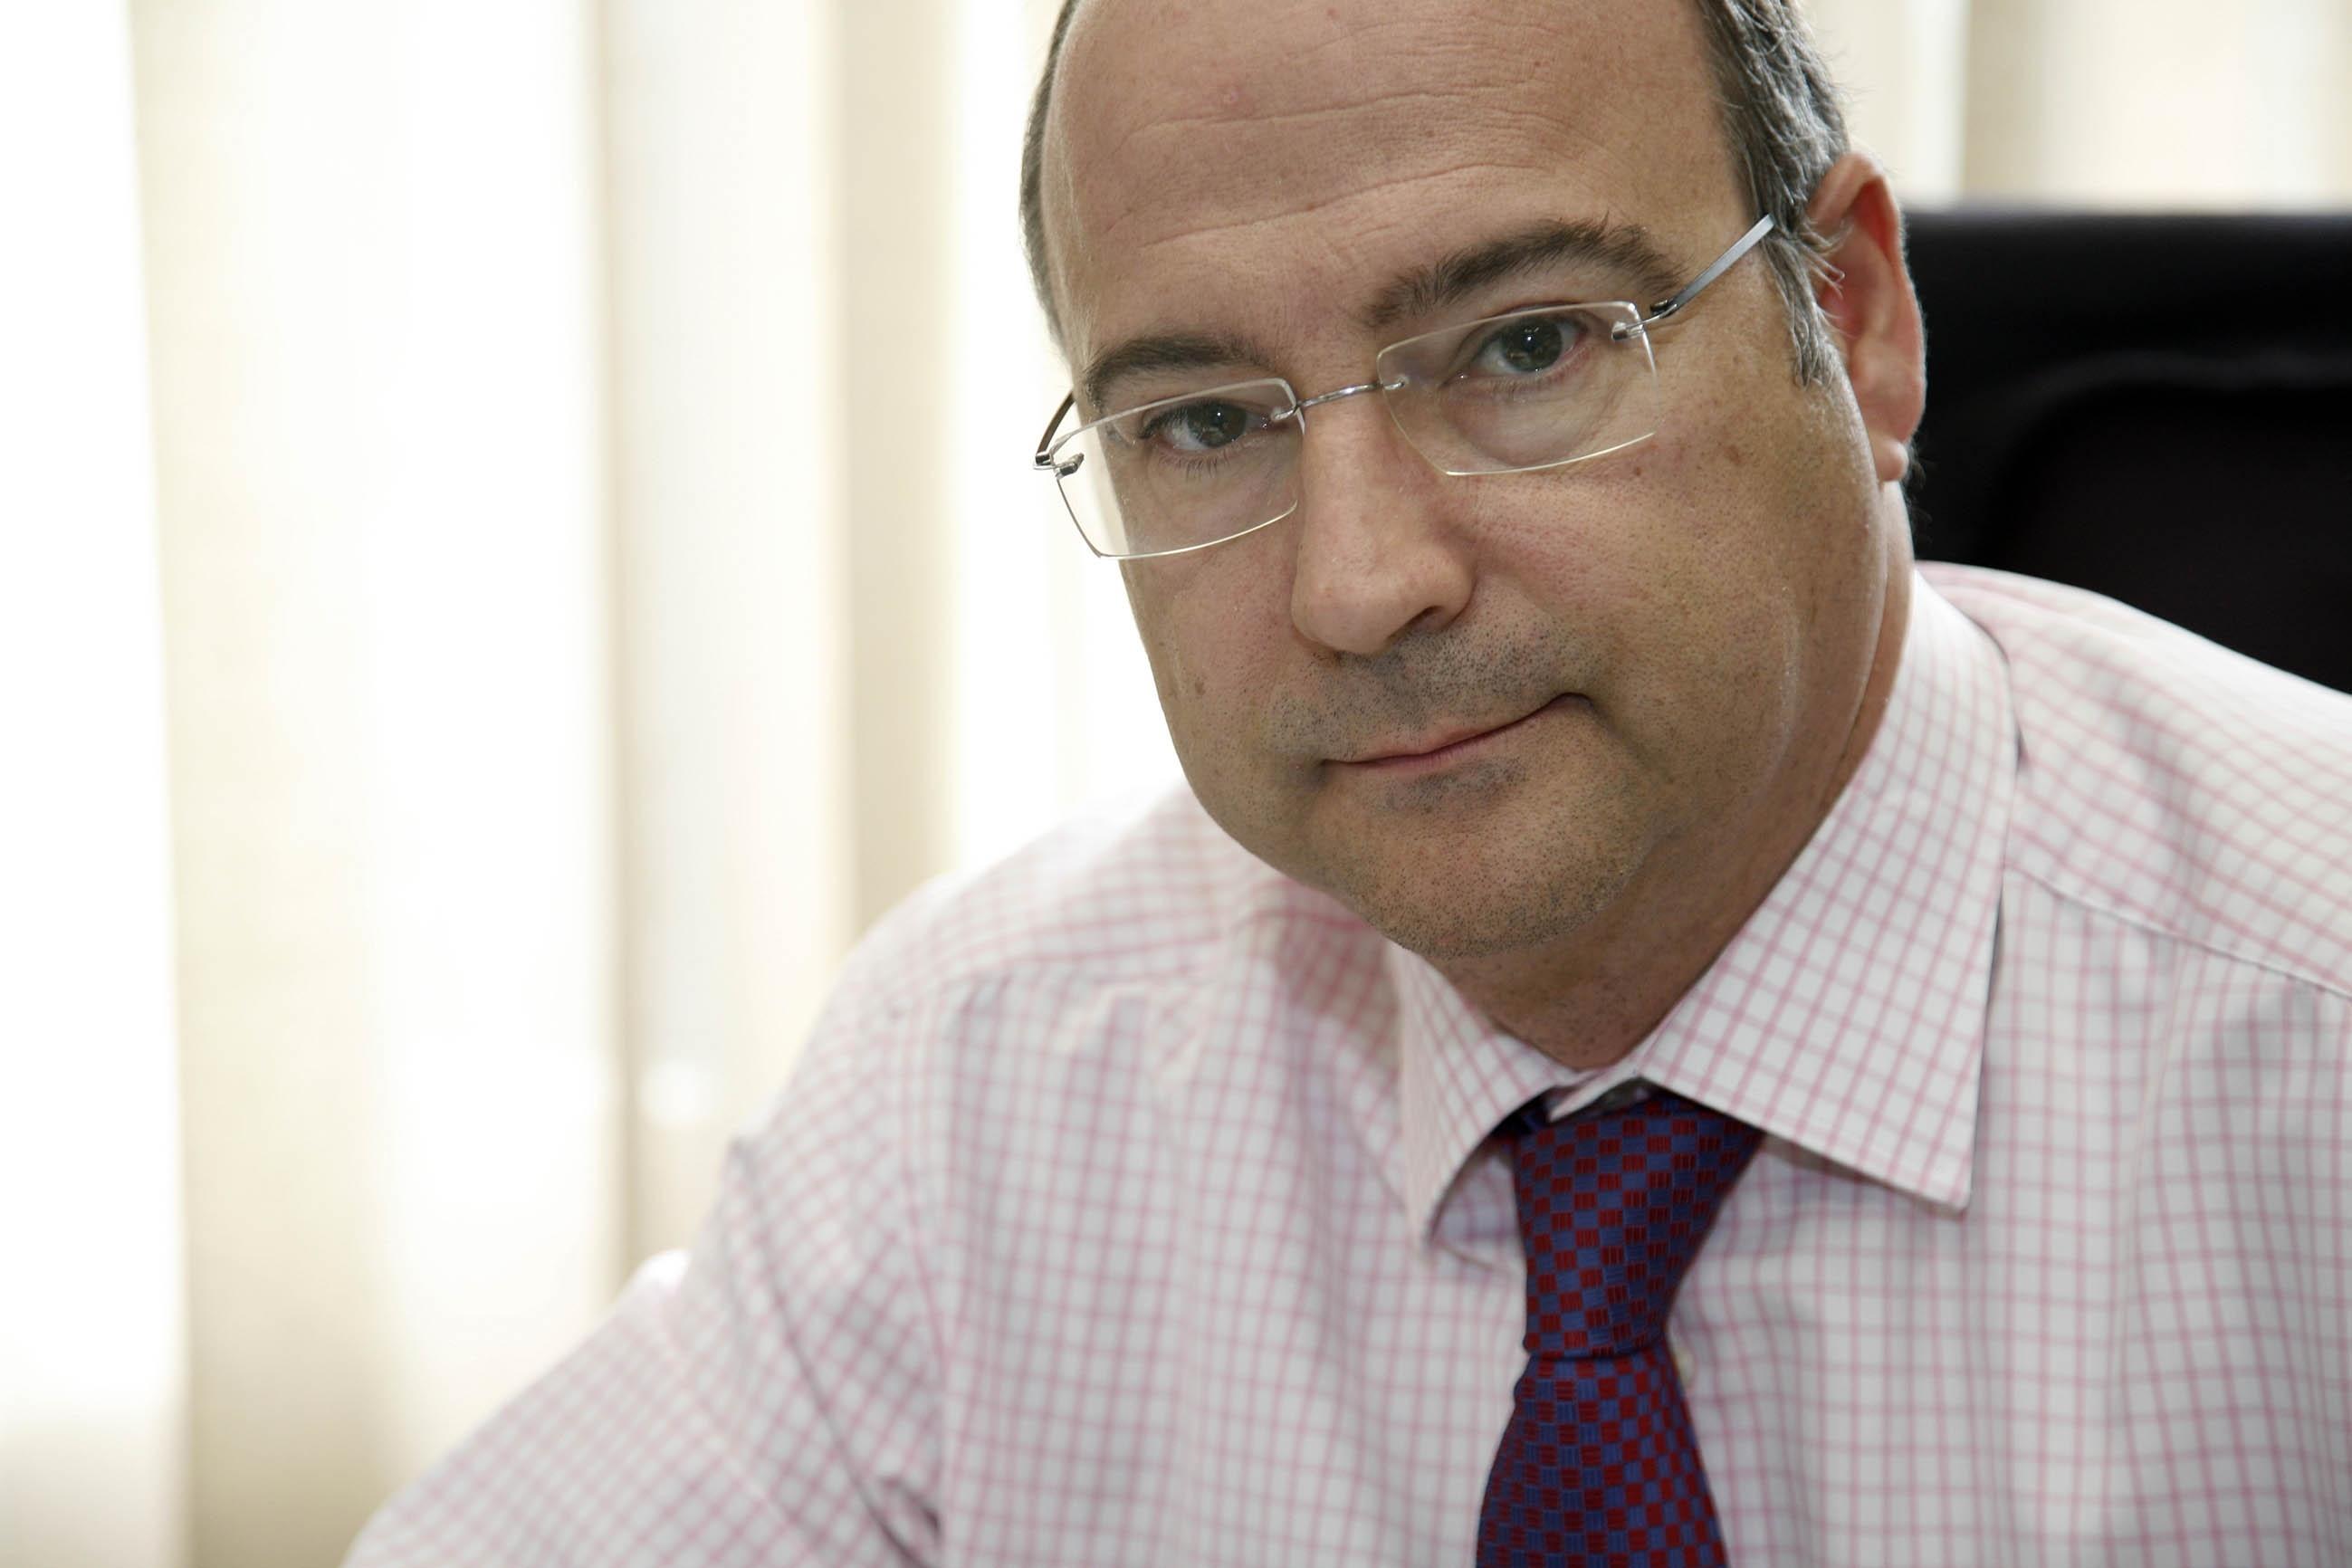 El alcalde de Almería afirma que la provincia tendrá obras del AVE en 2014 en el tramo entre Vera y Pulpí